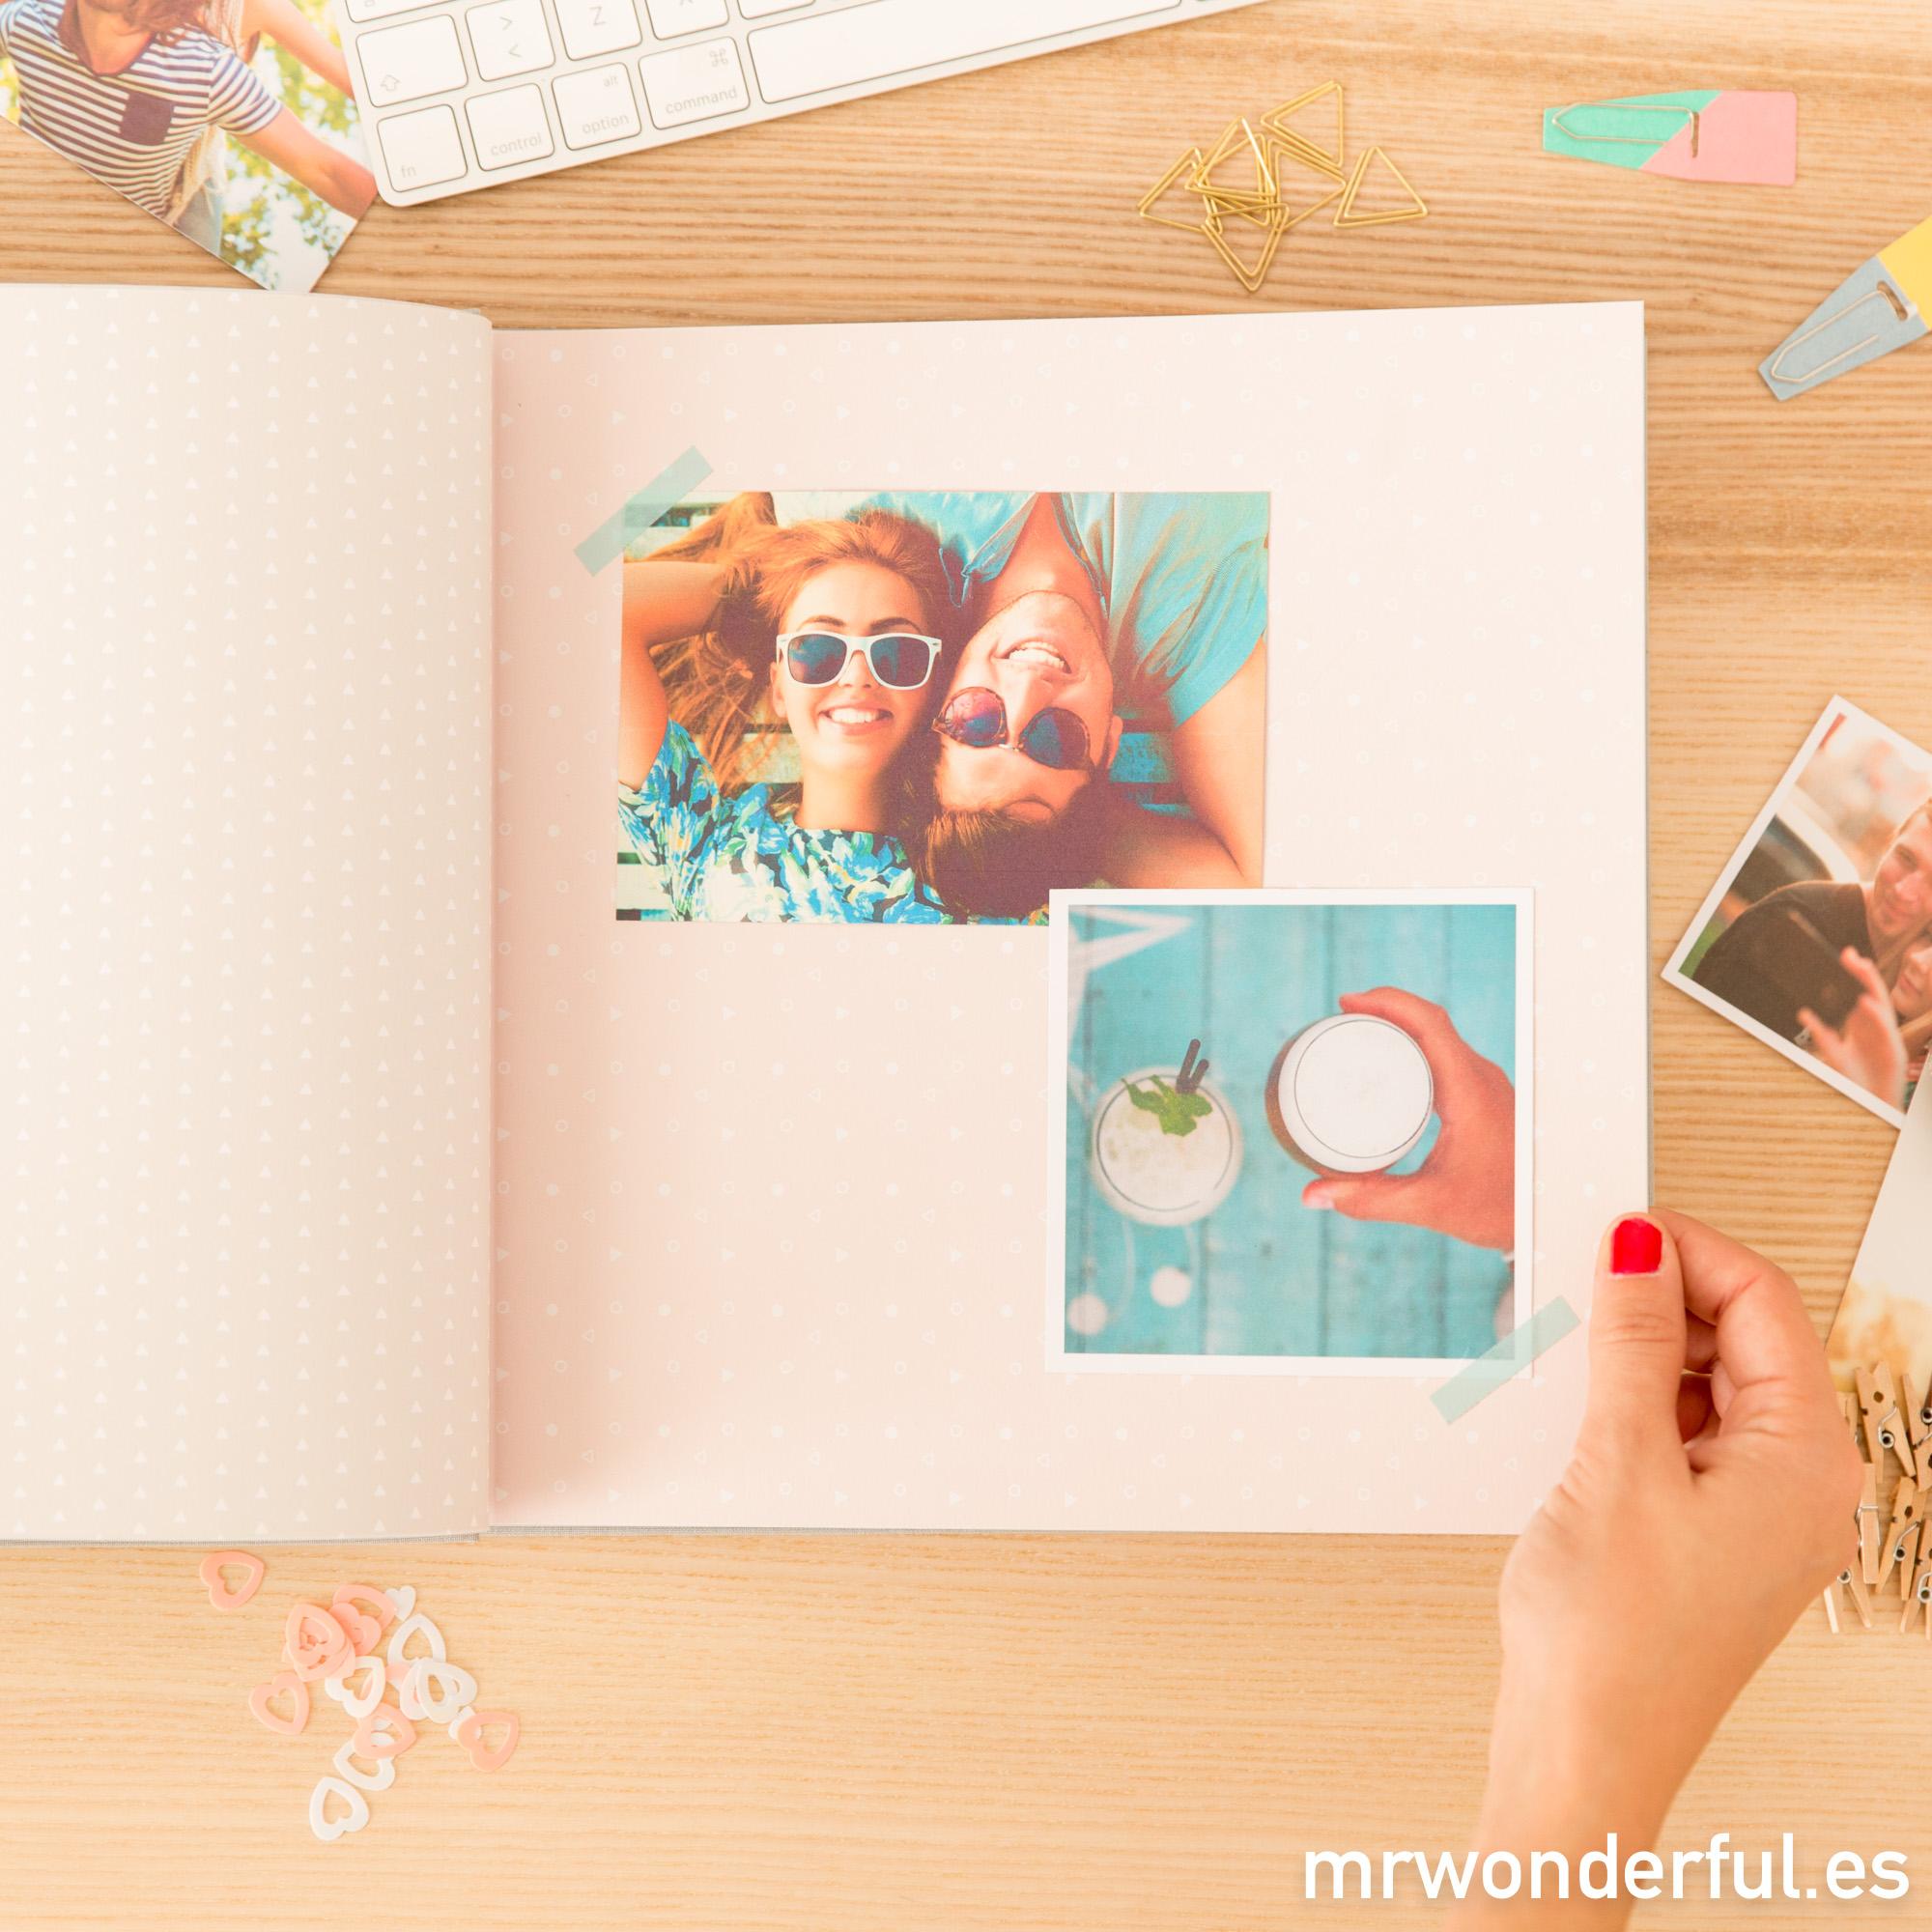 mrwonderful_8435460709897_album-esos-momentos-tuyos-y-mios-y-de-nadie-mas-es_2017-7